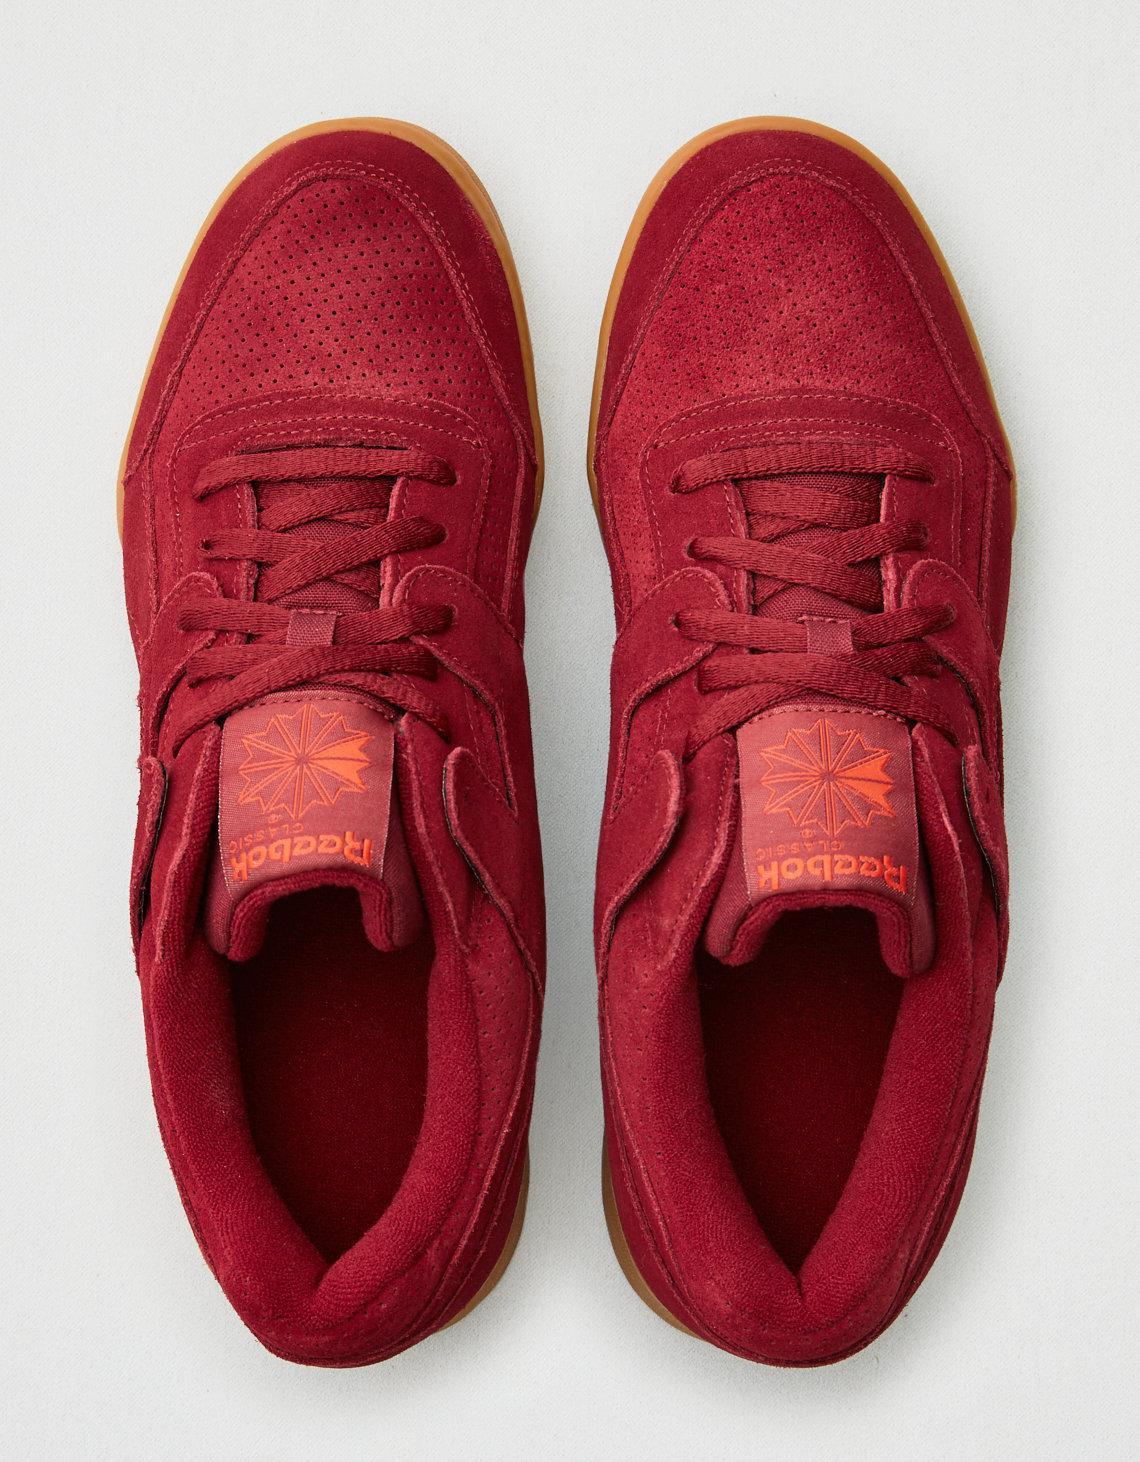 Lyst - American Eagle Reebok Workout Plus Mu Sneaker in Red for Men e827728c3813